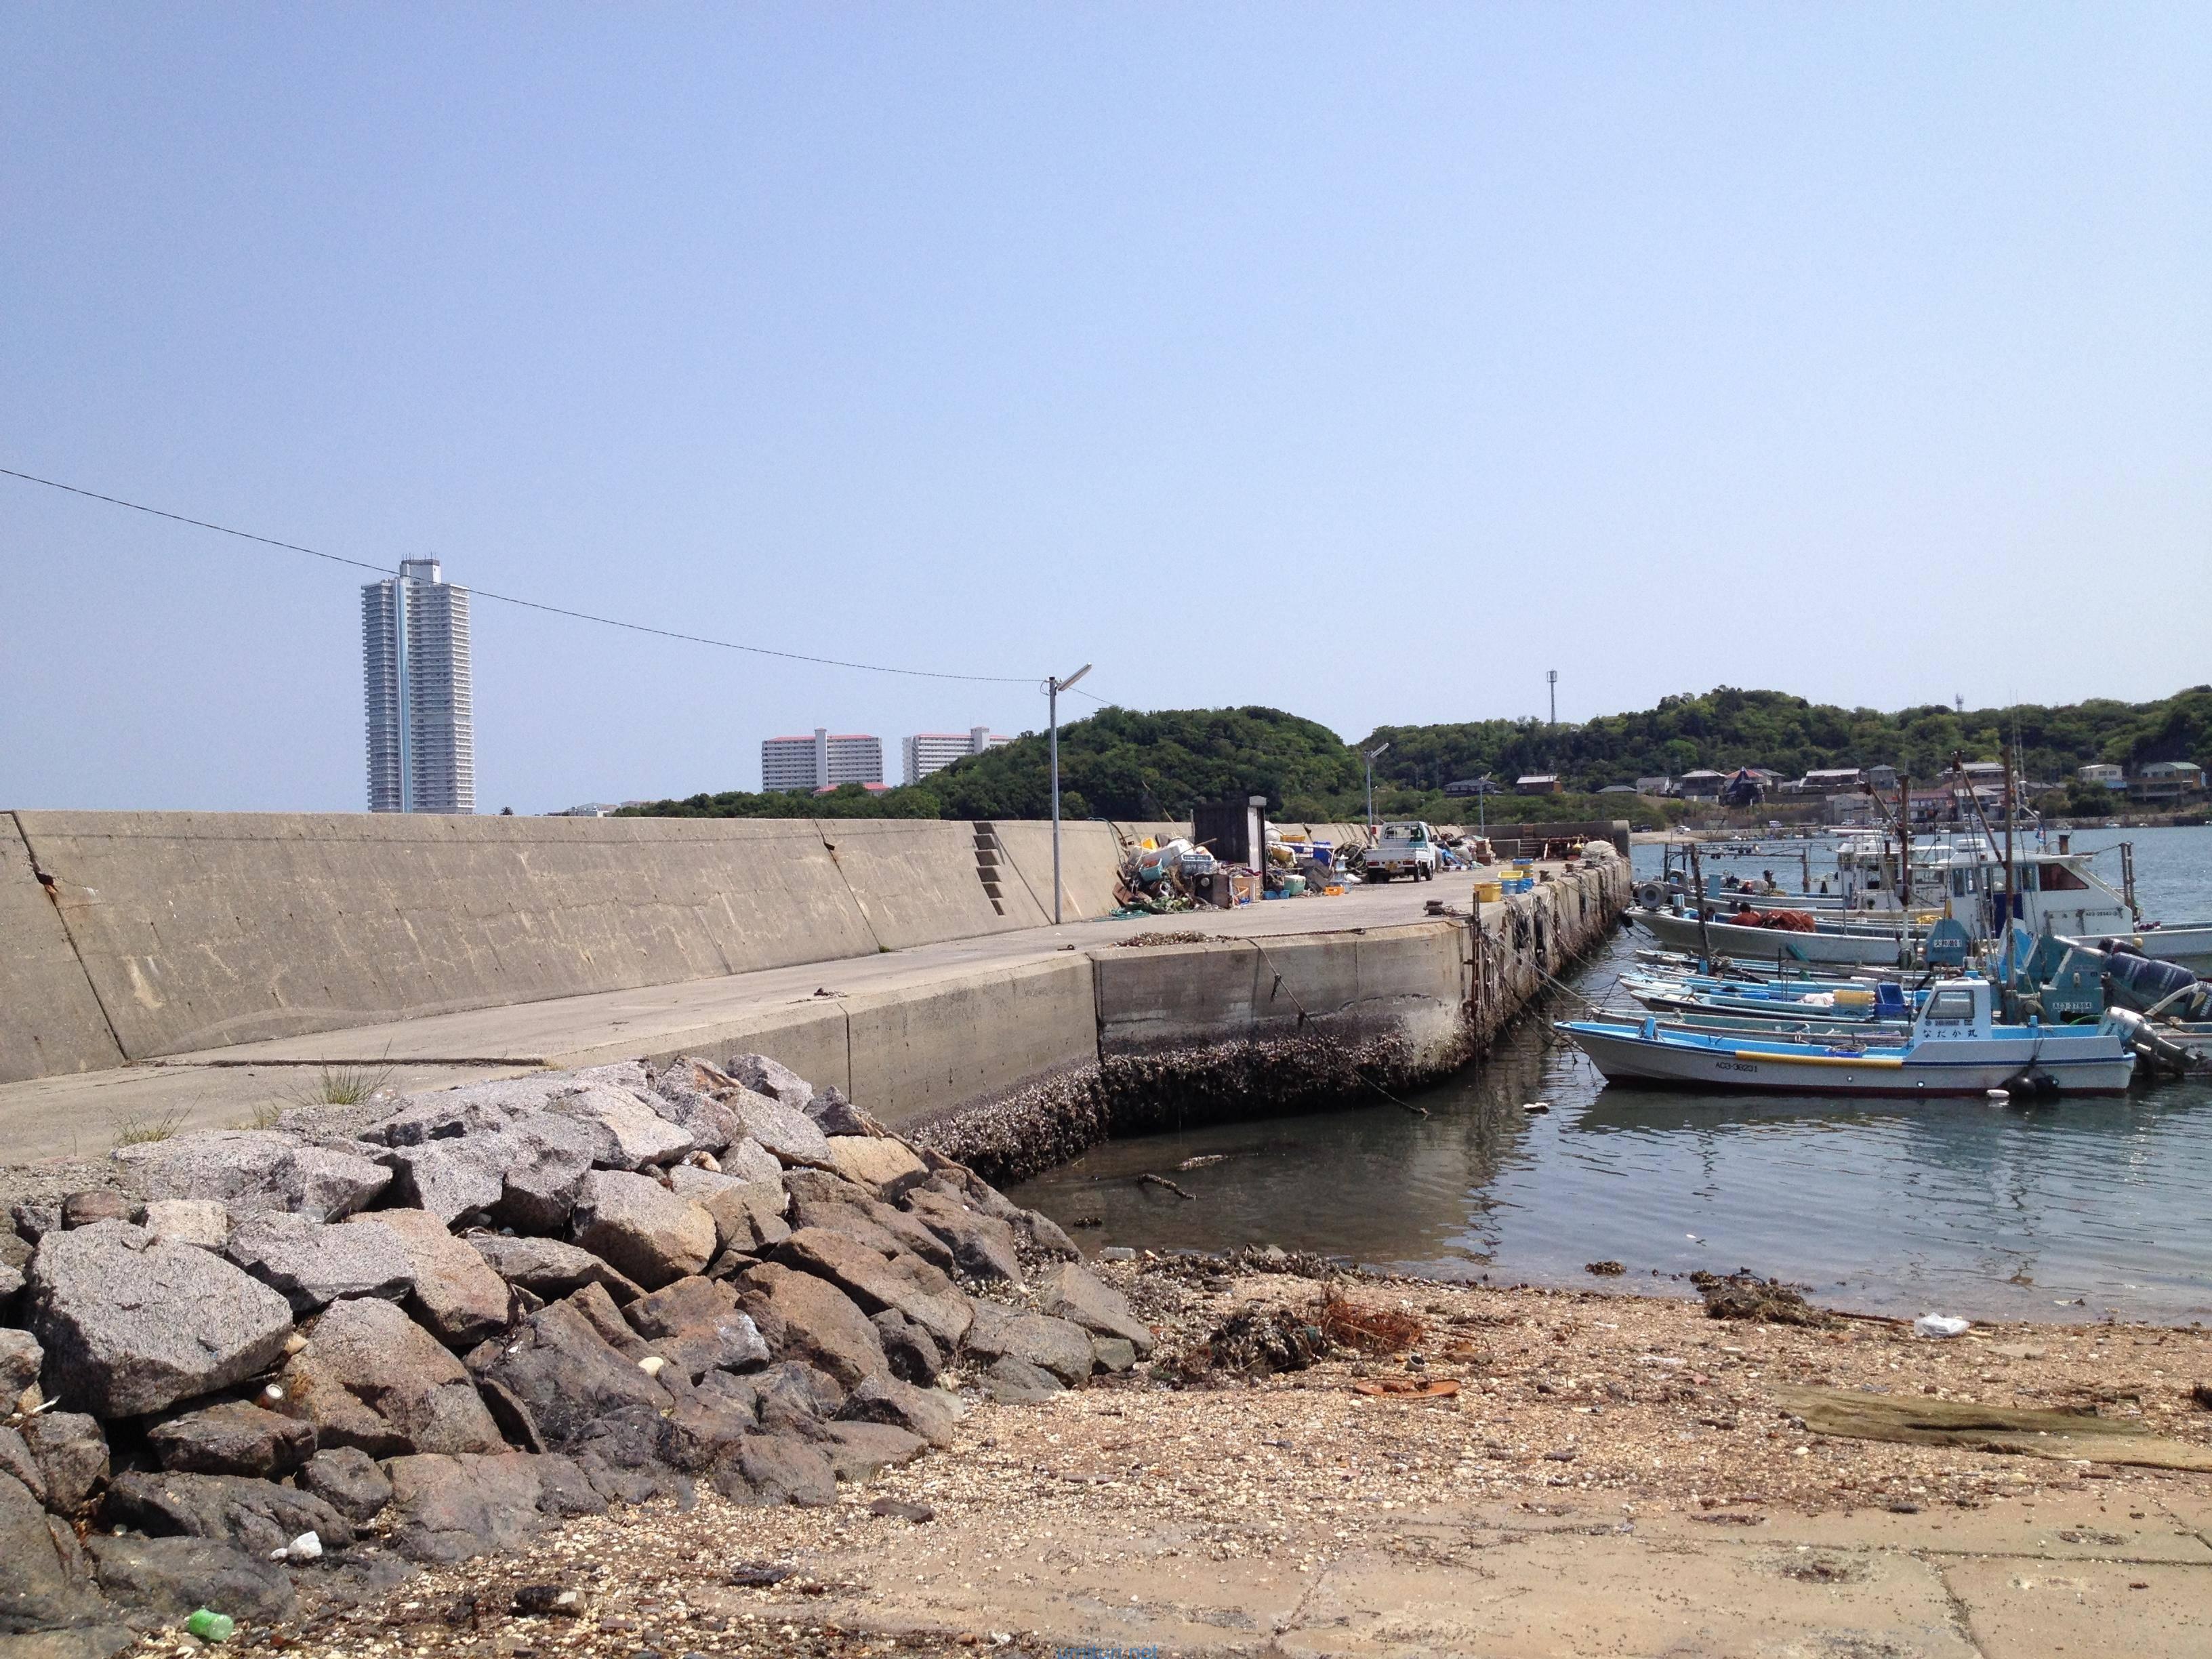 釣れたゴミとか海藻は堤防の上に放置しない!人工のゴミは持ち帰ろう